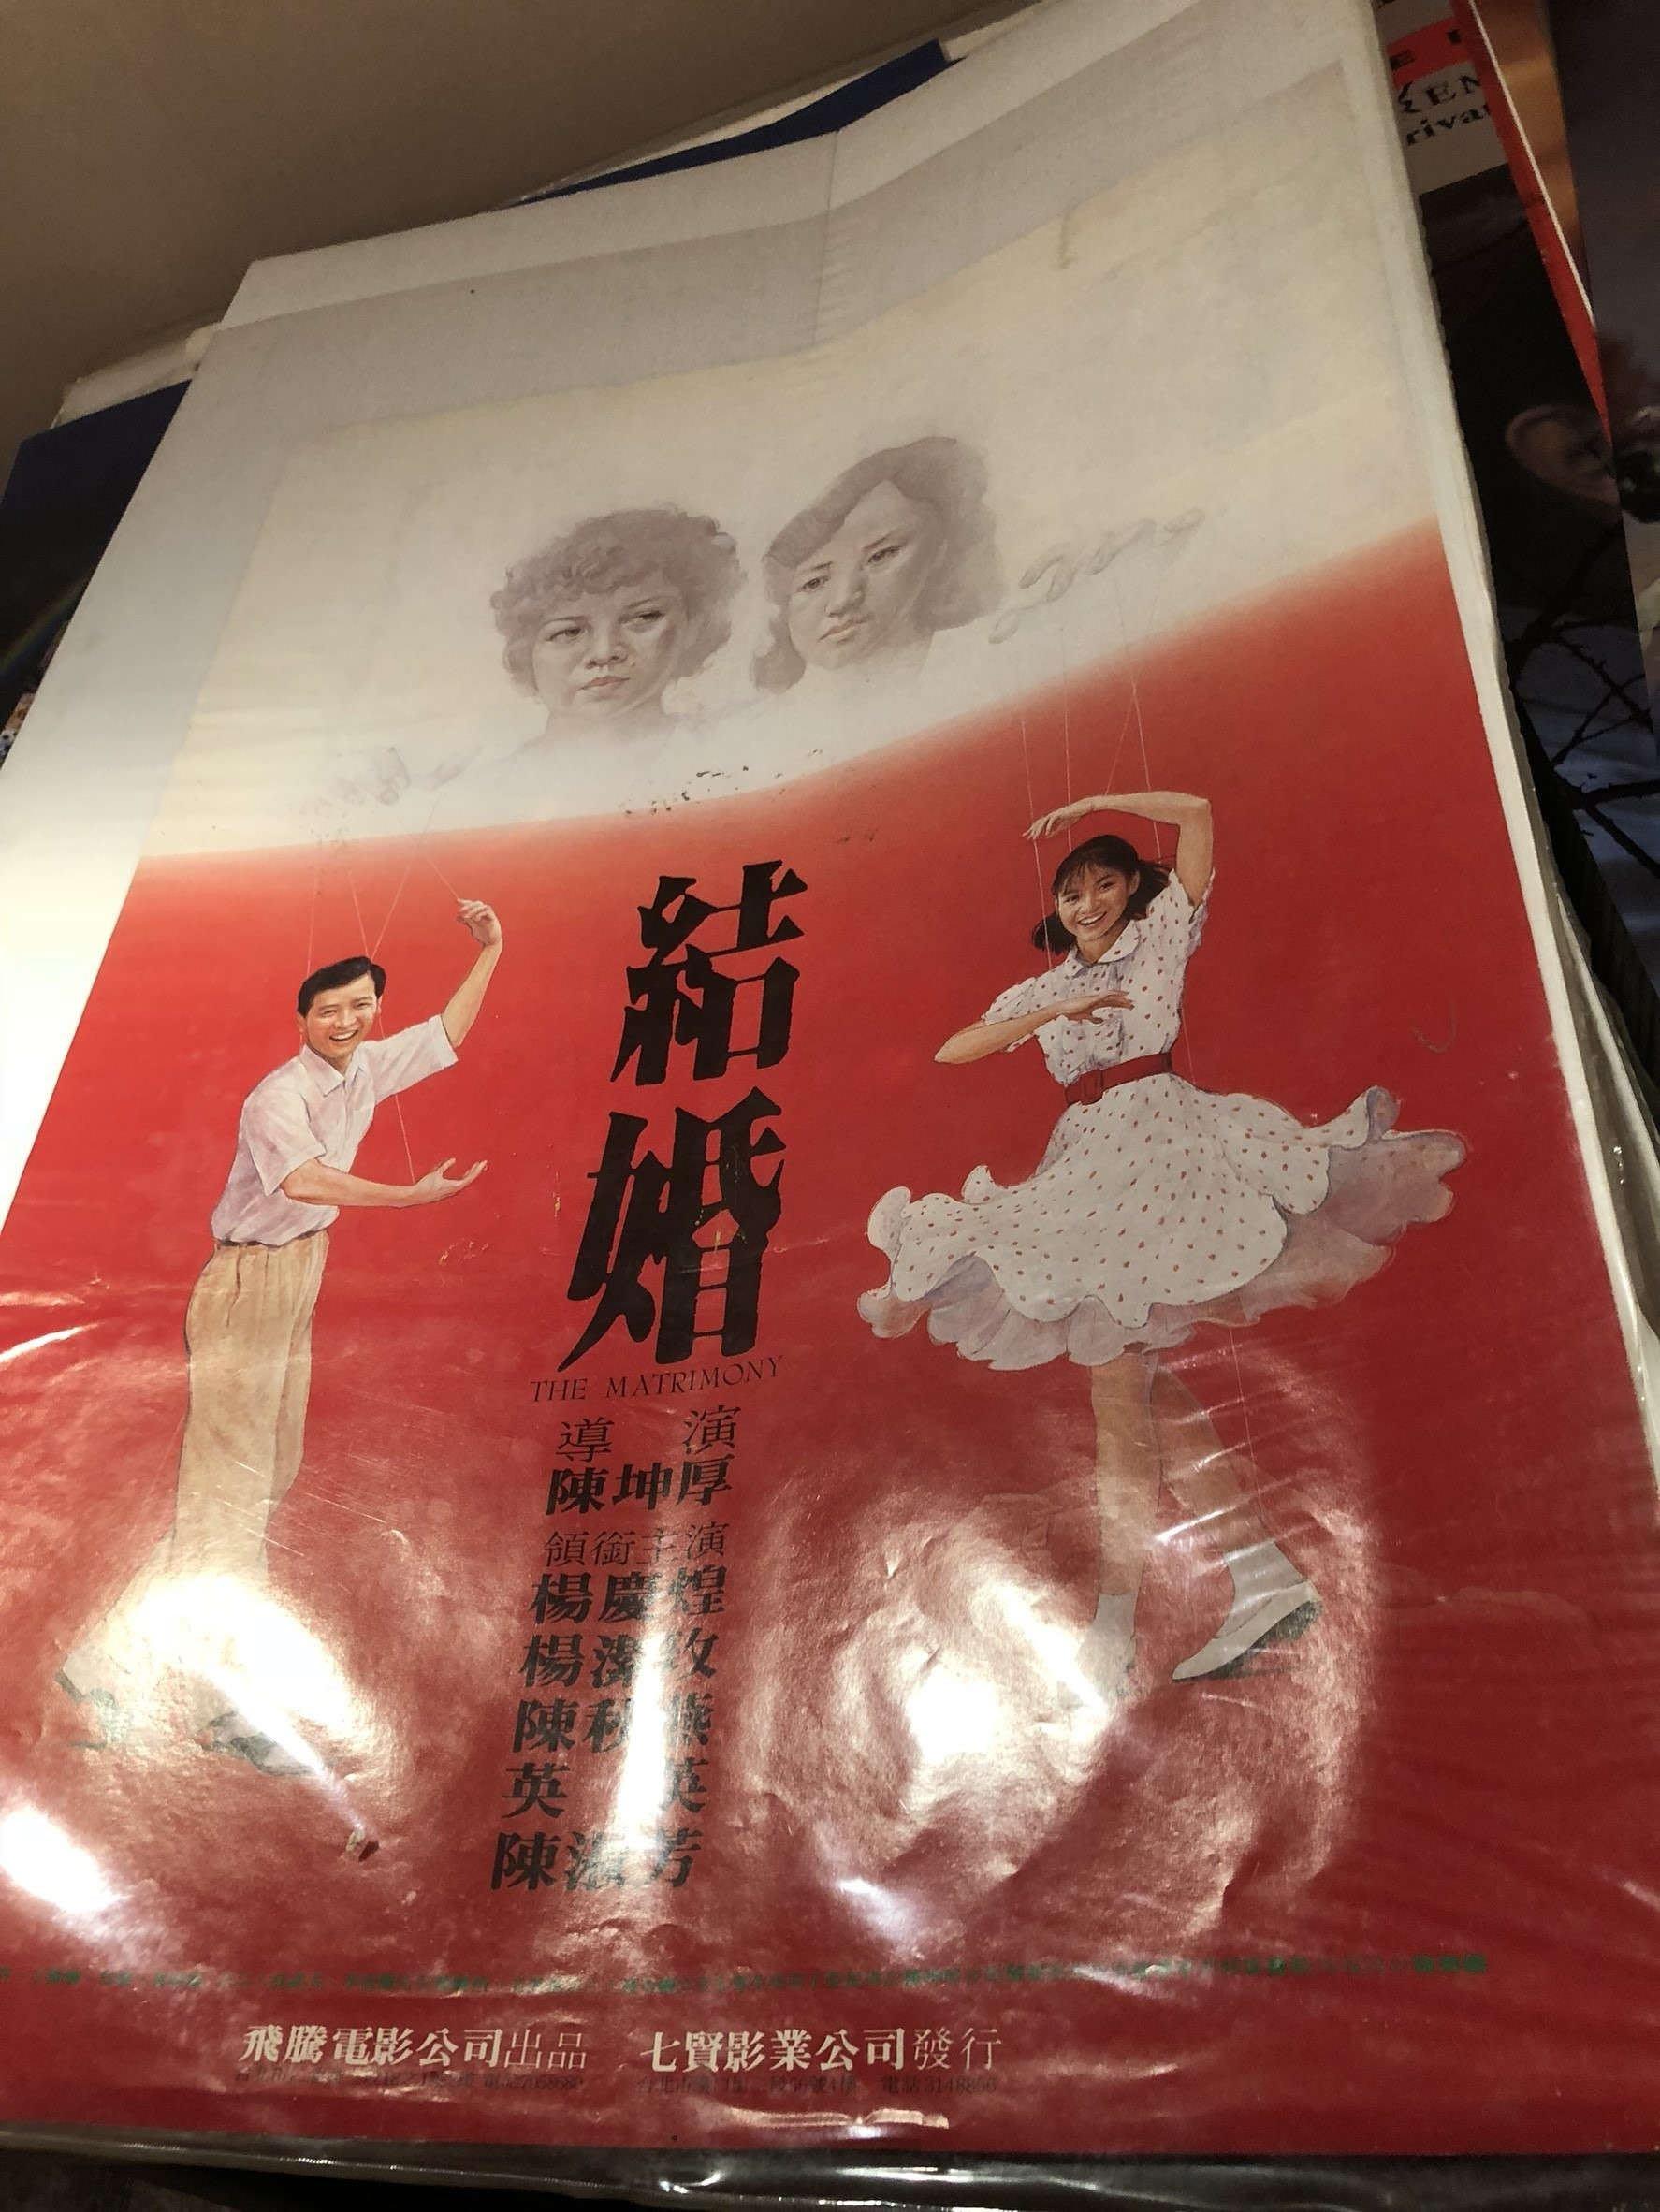 結婚-The Matrimony (1985)(楊慶煌)原版電影海報